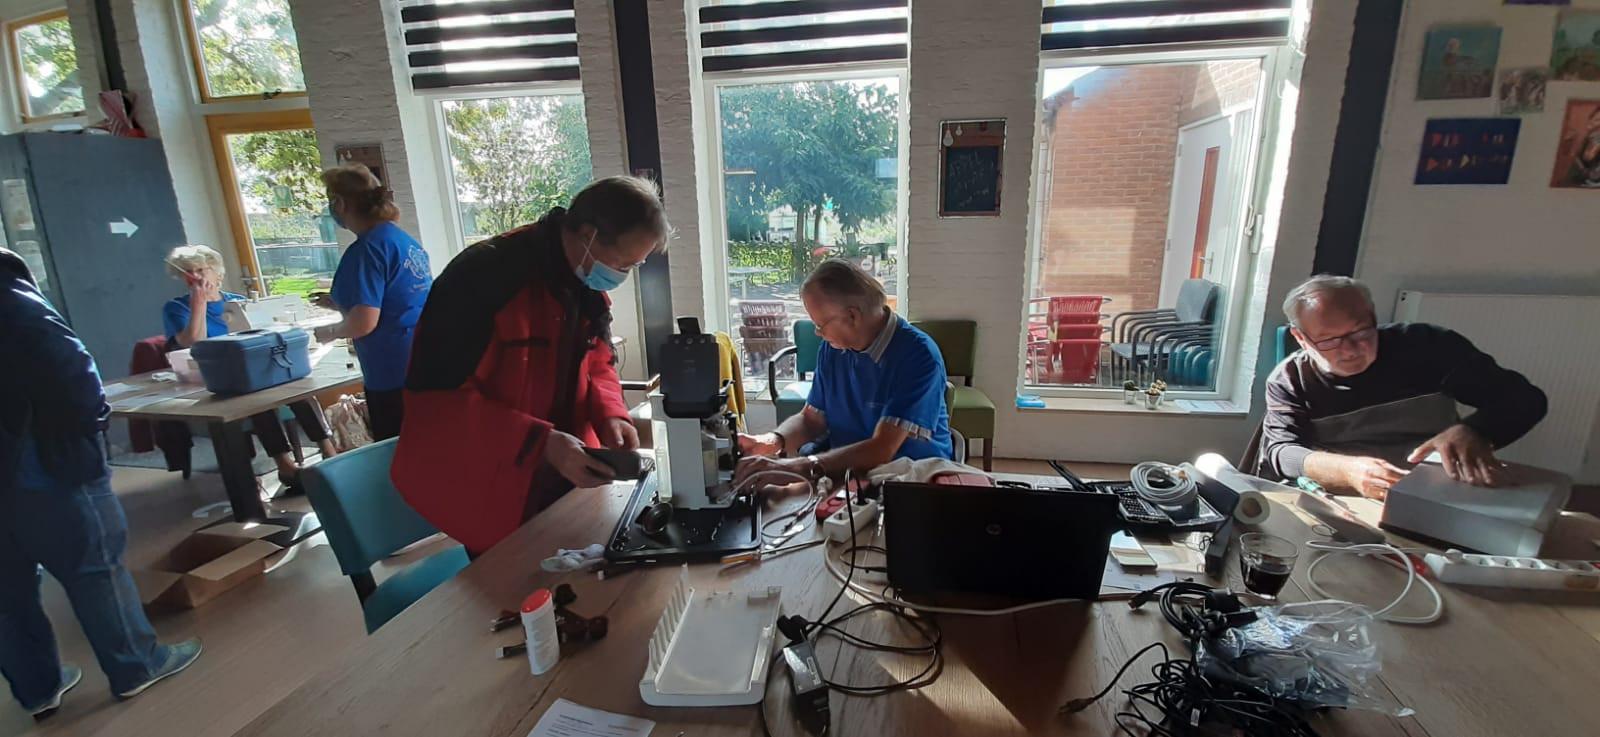 """Adrie de Bruine uit Nieuwerkerk (links) laat een koffiezetapparaat nakijken bij het Repair Café Zierikzee. ,,Zonde om 'm weg te gooien. Het ding ziet er nog keurig uit. Ik hou er niet zo van om zomaar iets weg te gooien."""""""